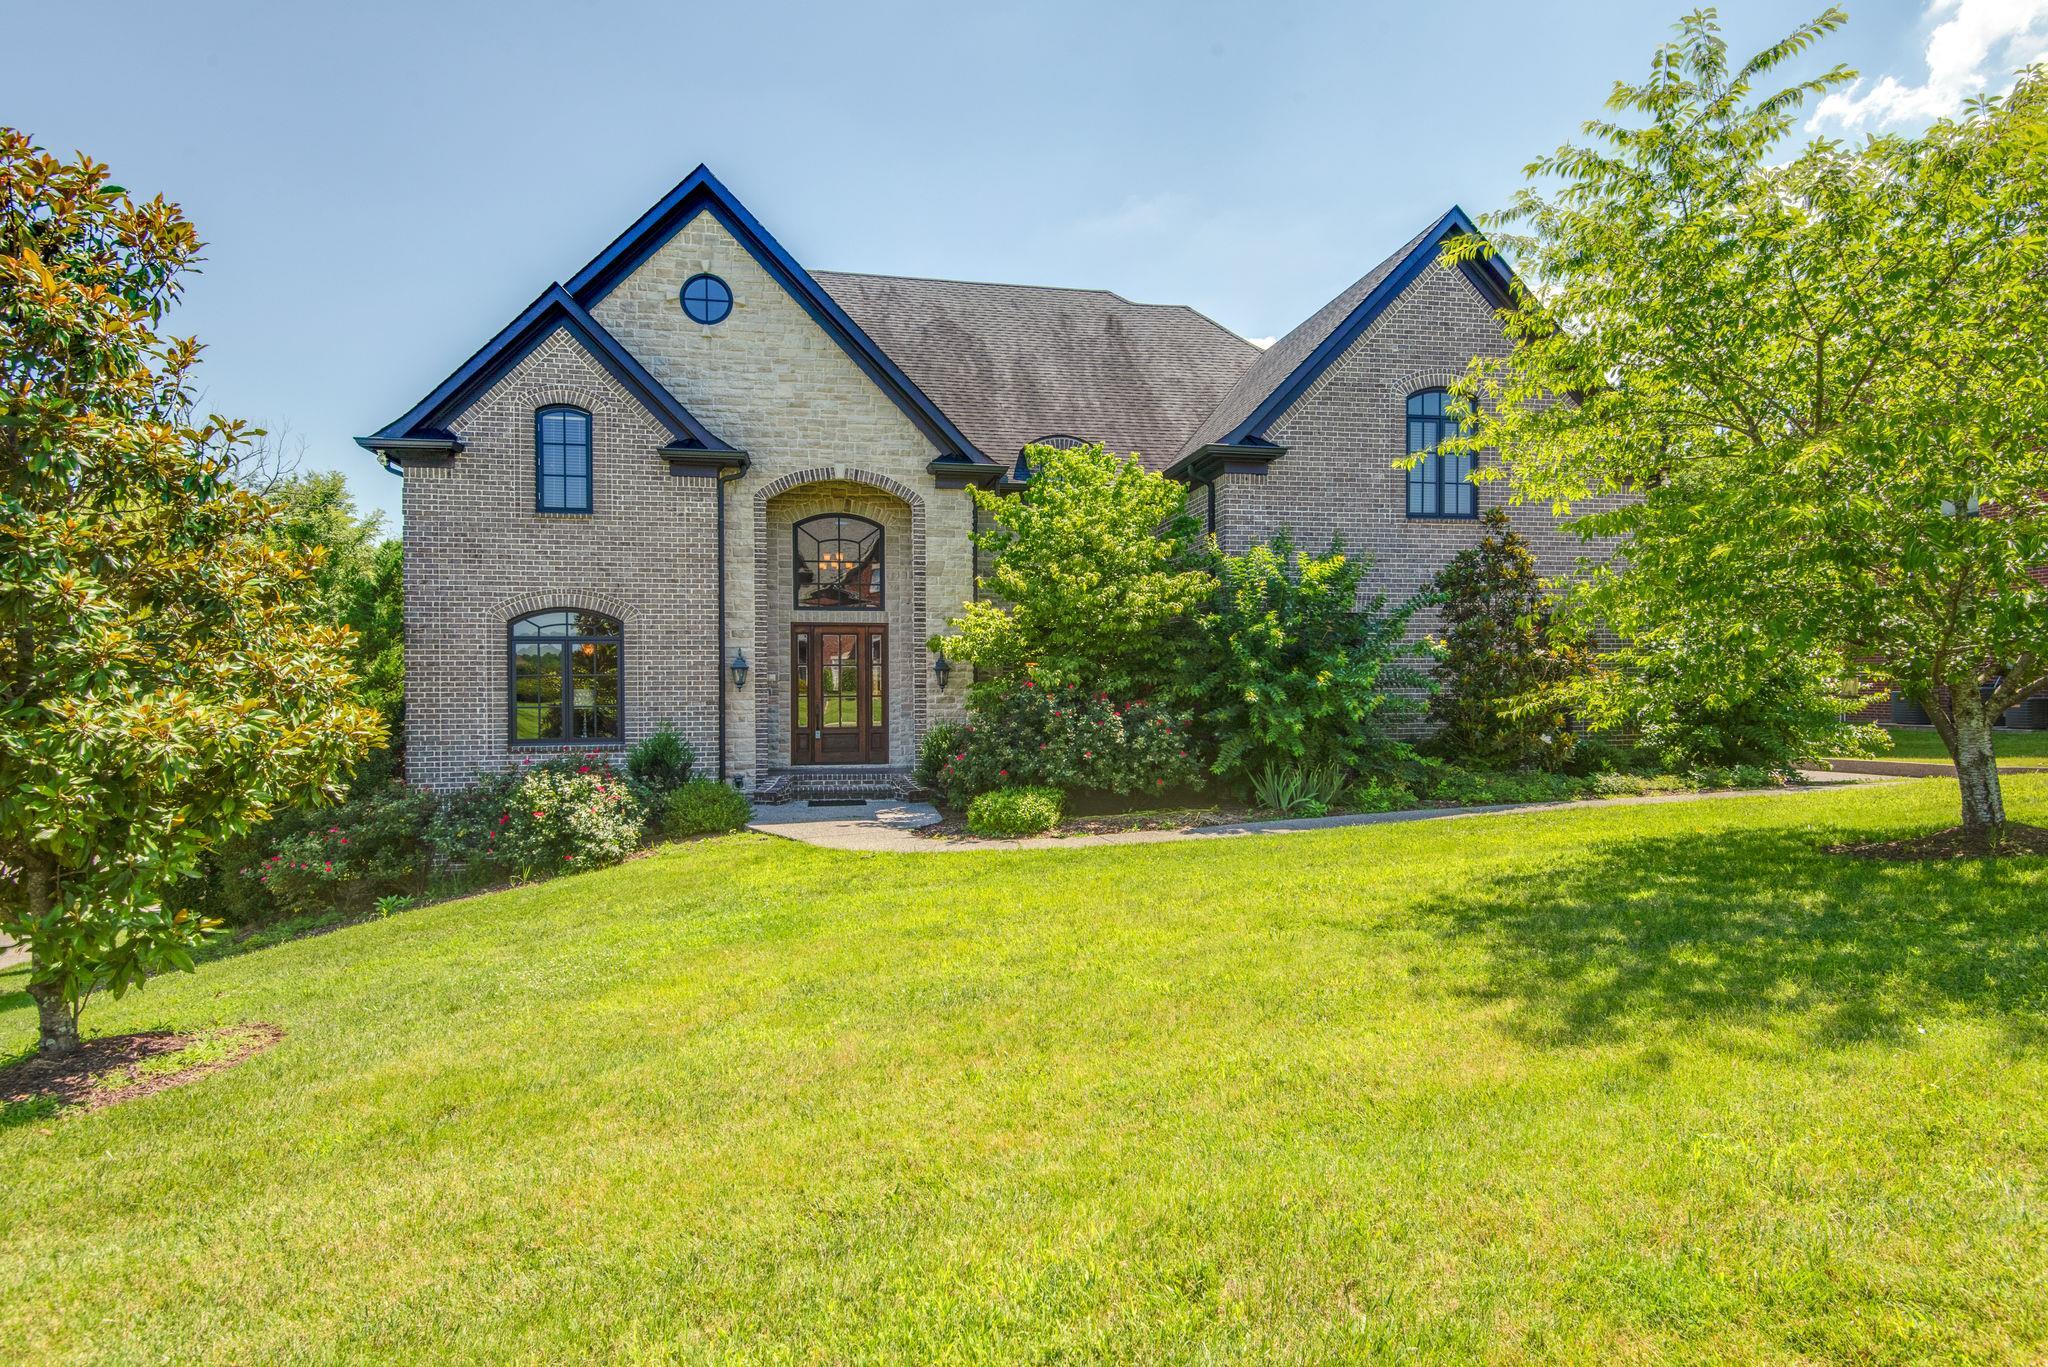 3425 Stagecoach Dr, Franklin, TN 37067 - Franklin, TN real estate listing